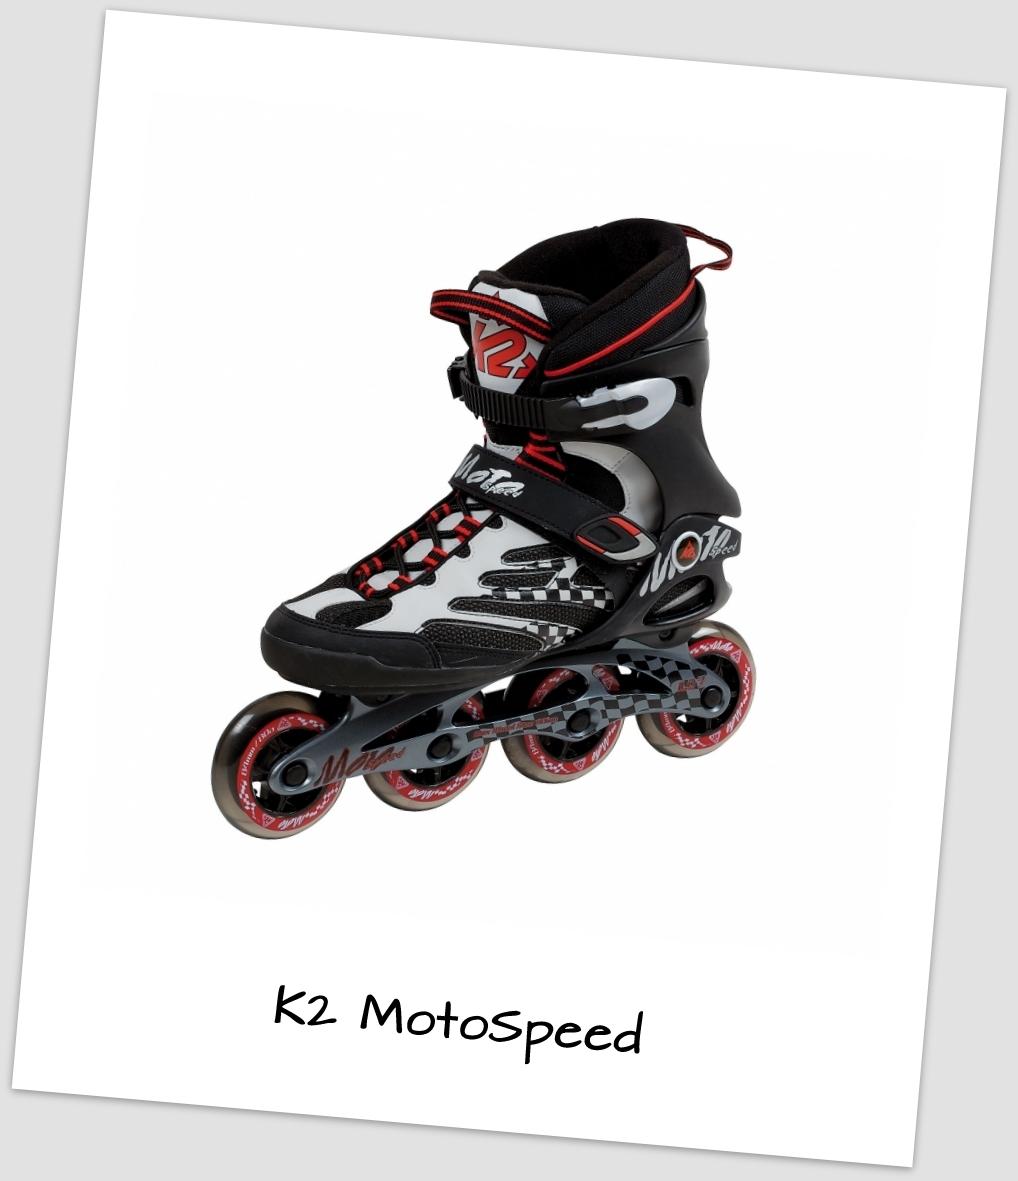 k2motospeed.jpg